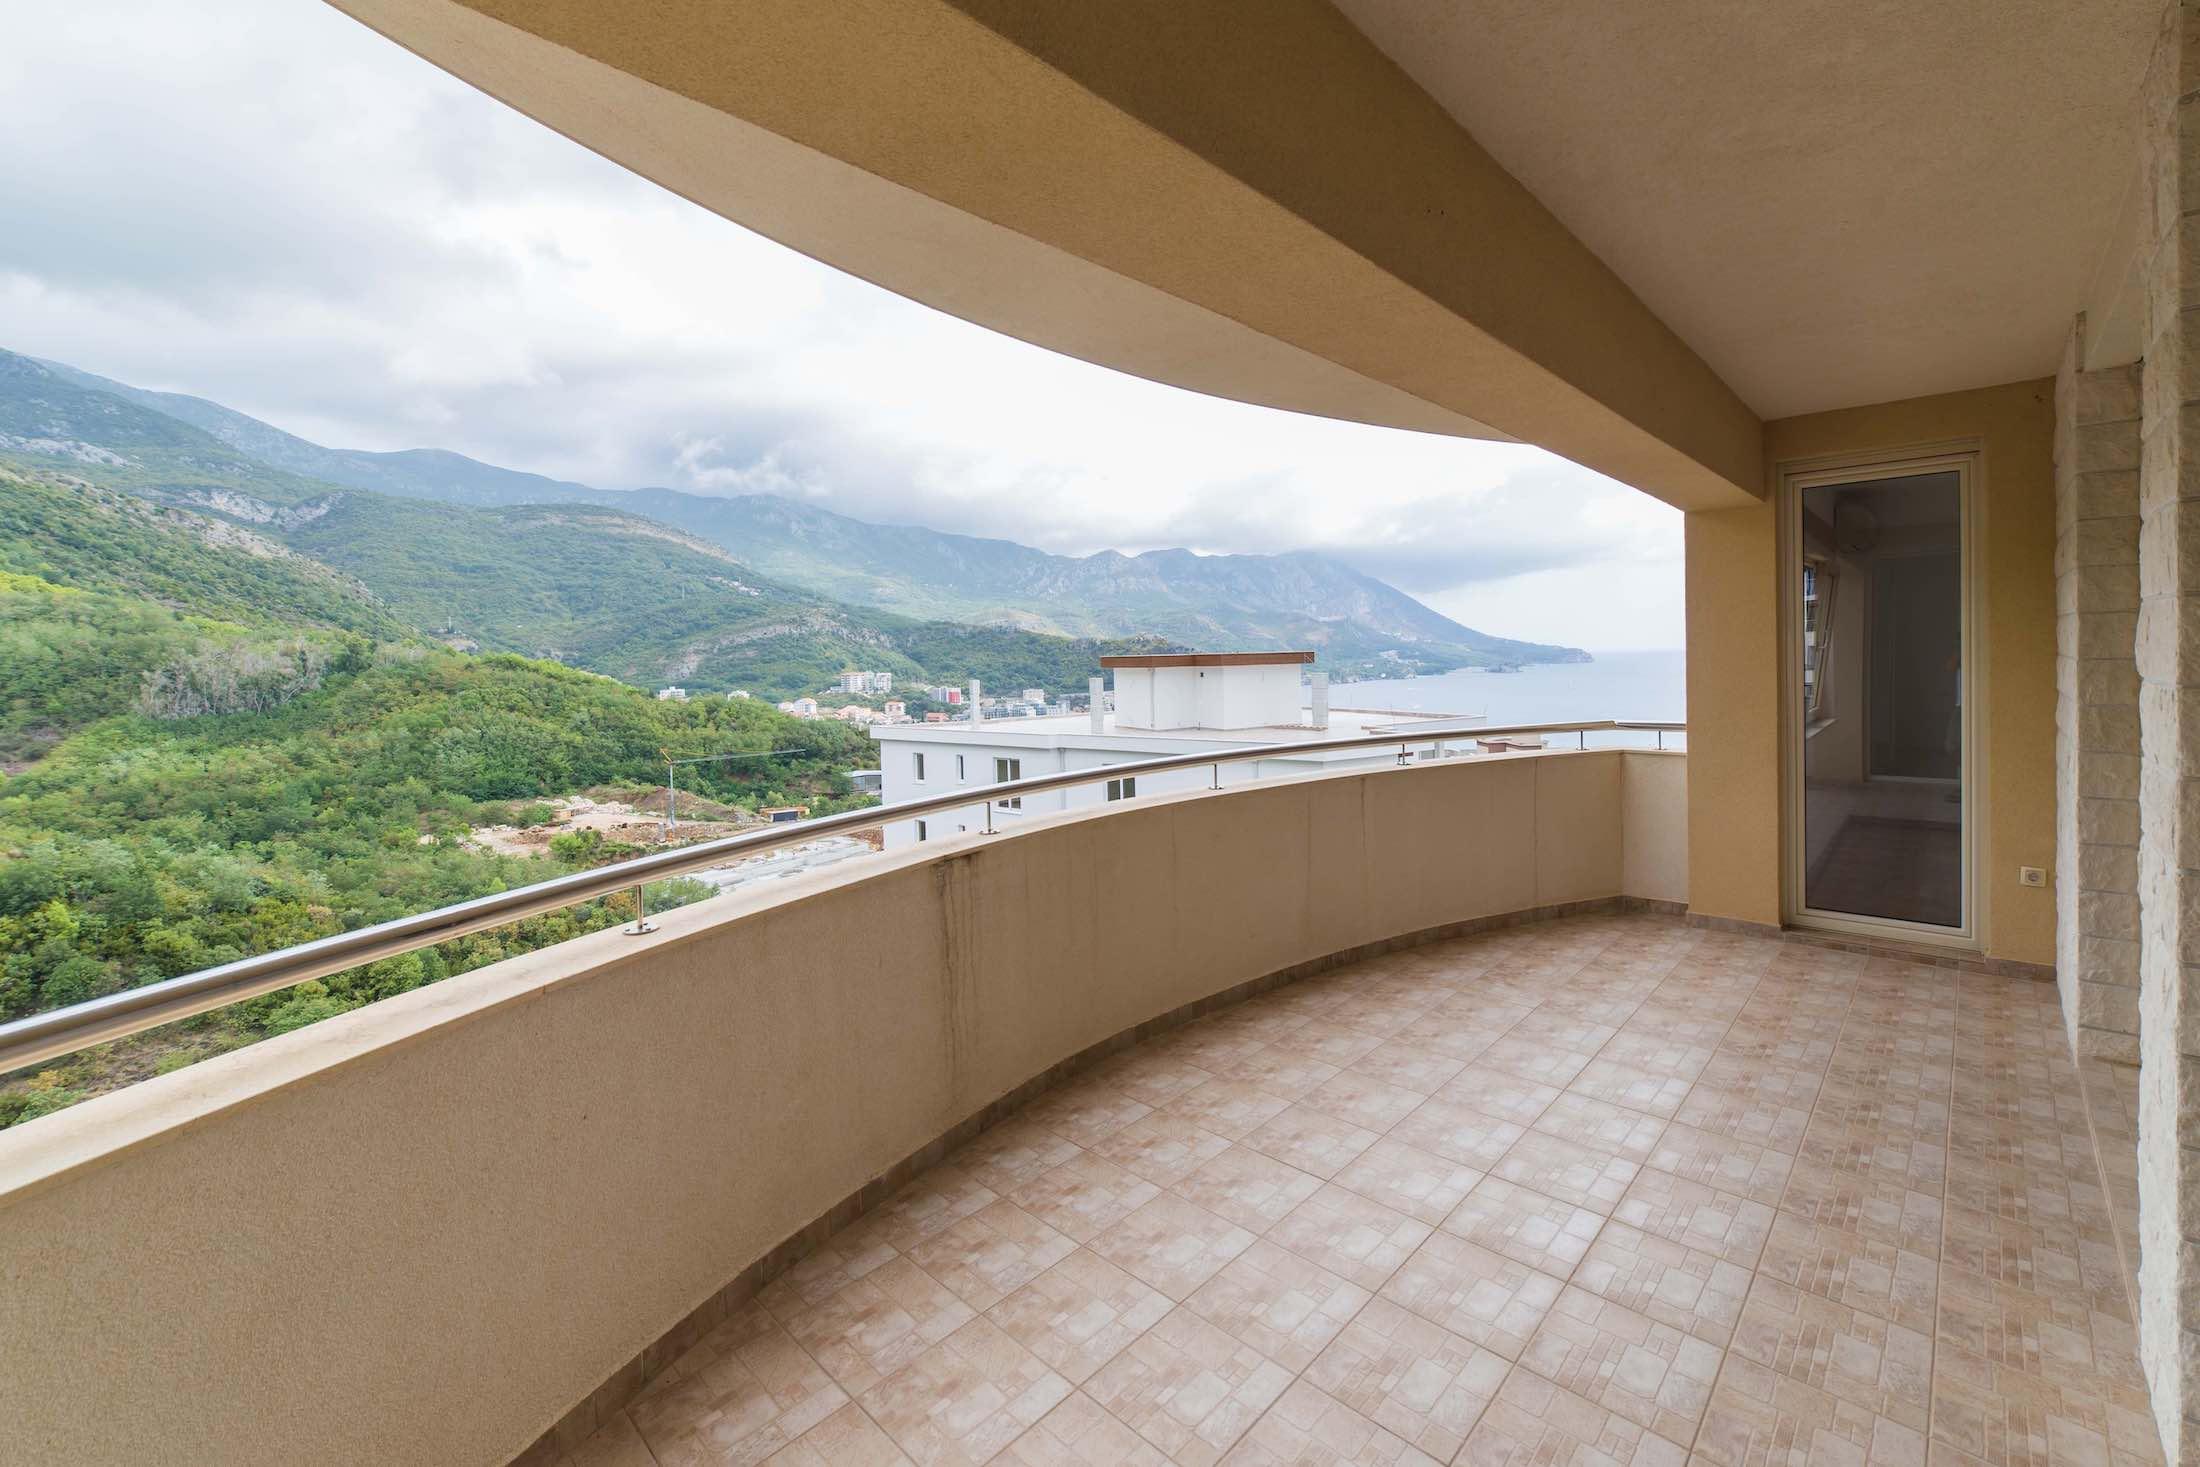 IVANOVICI ANATOLIA доходная недвижимость в черногории Бечичи Будва19.jpeg